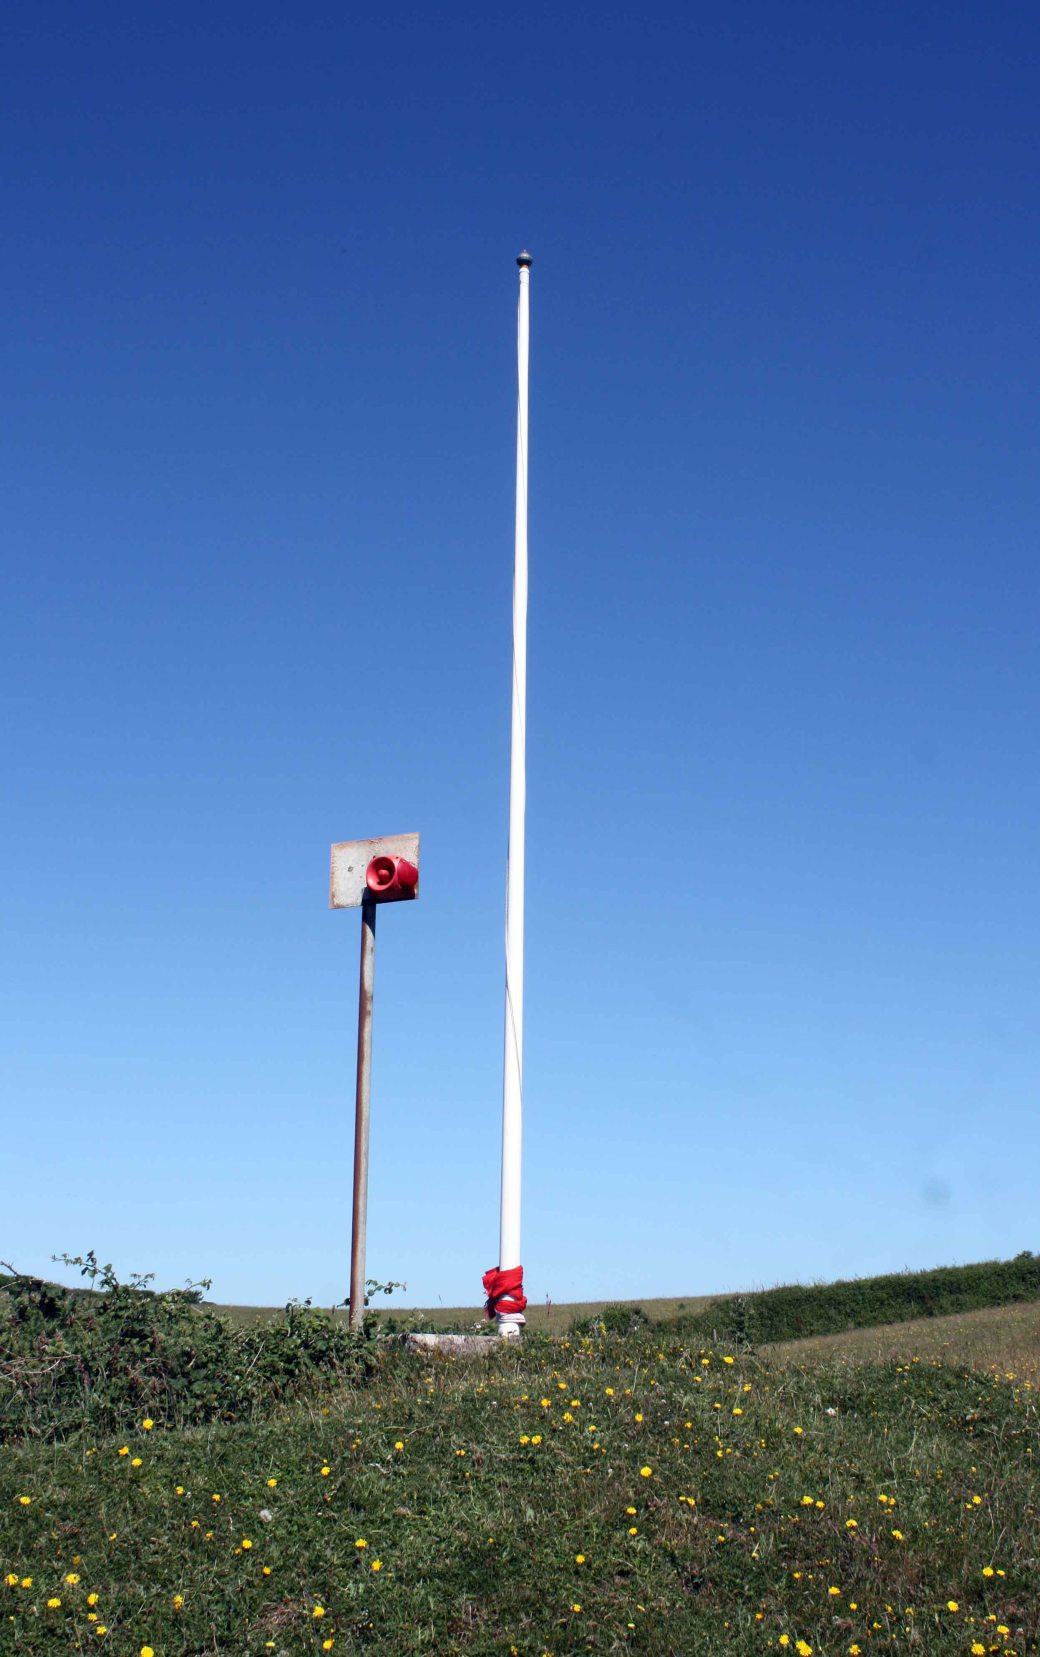 Warning pole